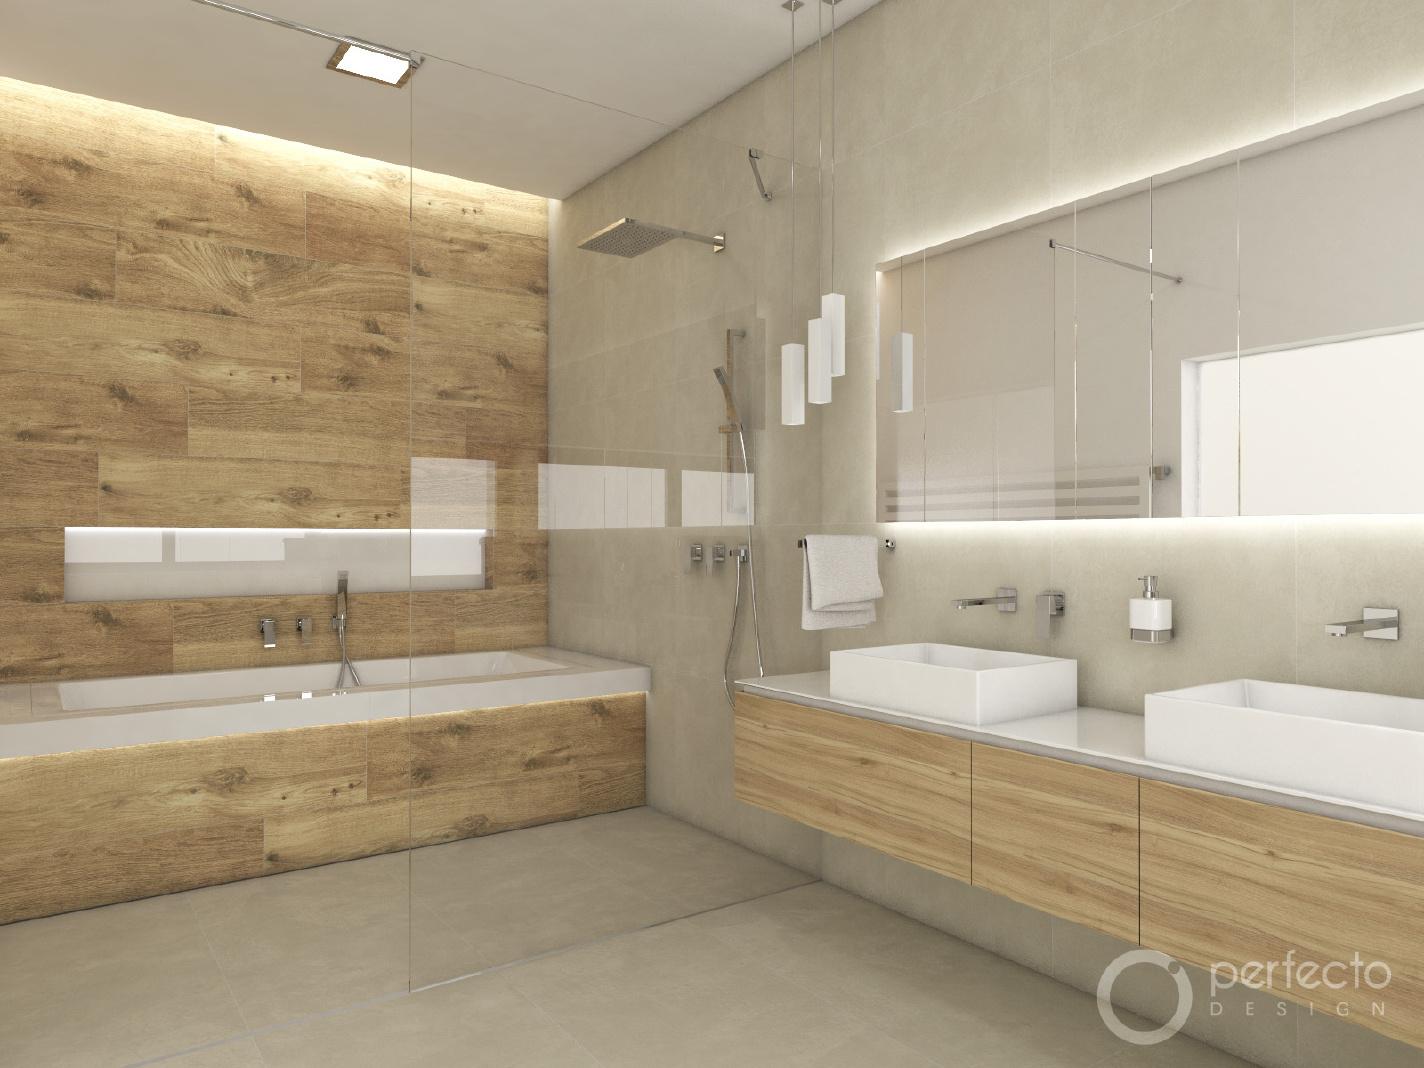 modernes badezimmer sand visualisierung - Modernes Badezimmer